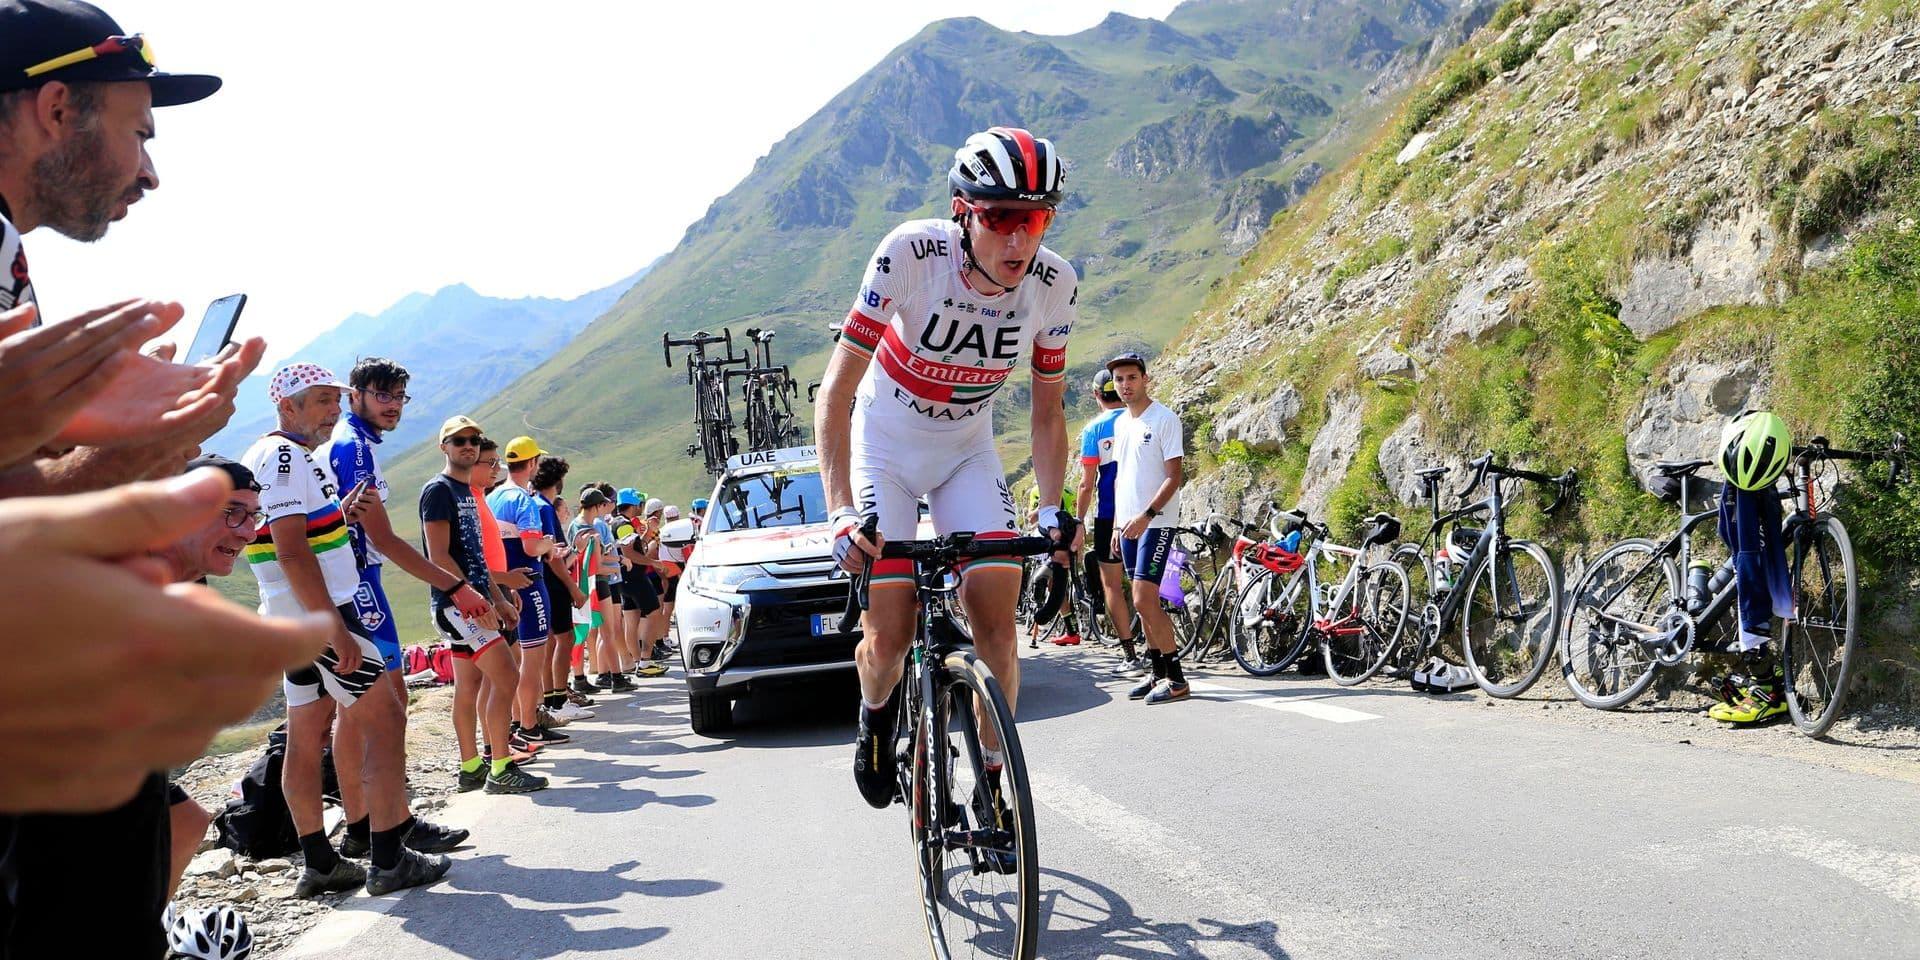 Critérium du Dauphiné : Abandon de Dan Martin en raison d'une fracture